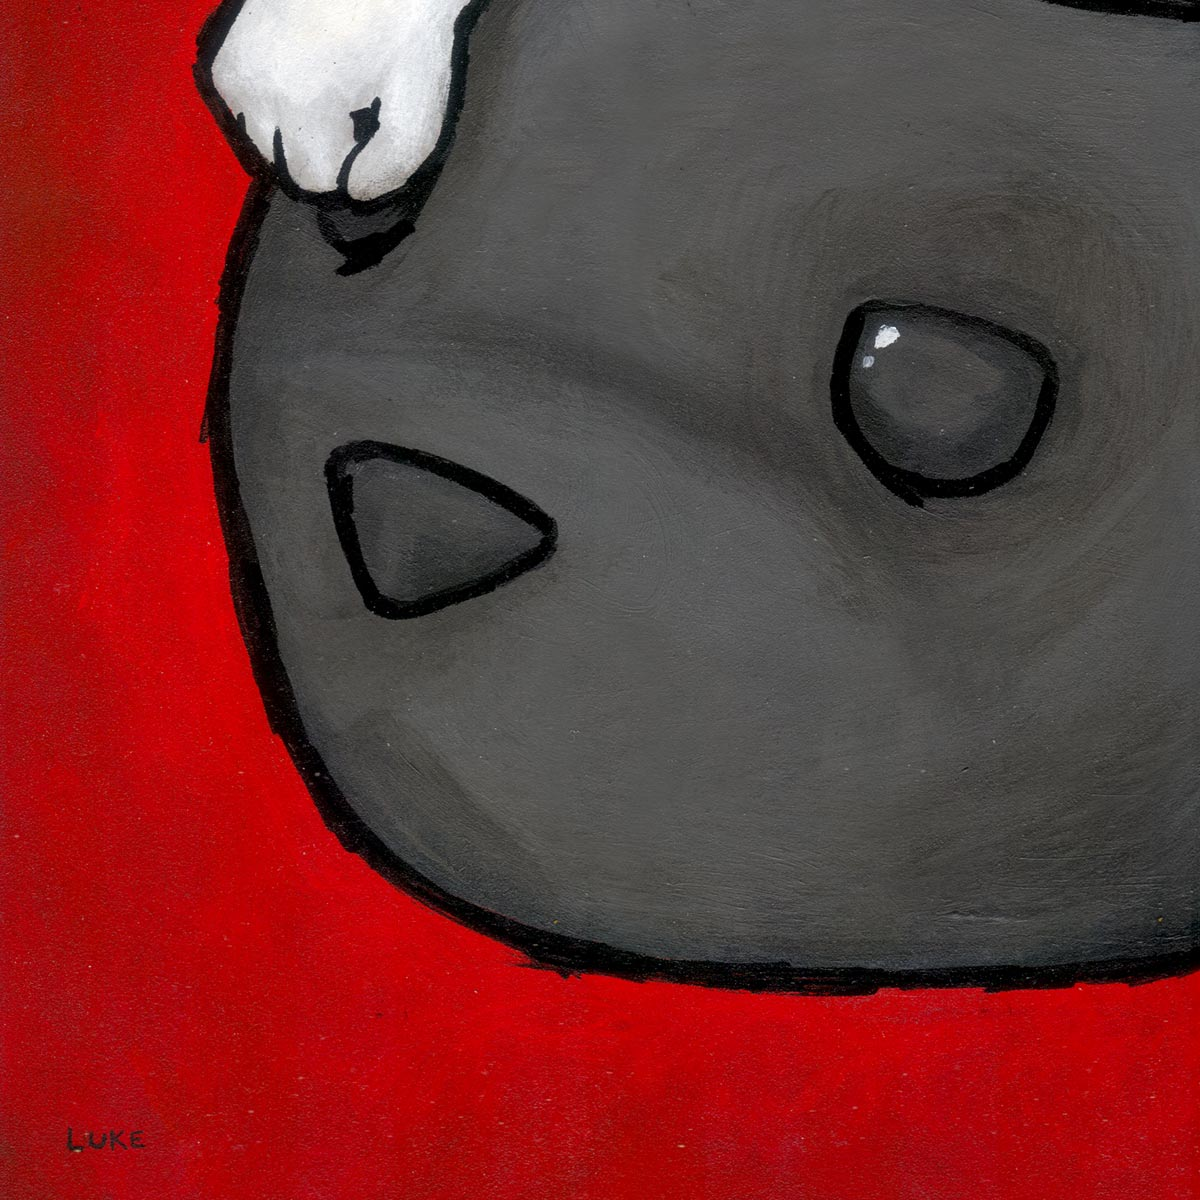 Luke Chueh Art Print - Head Like A Hole | 1xRUN